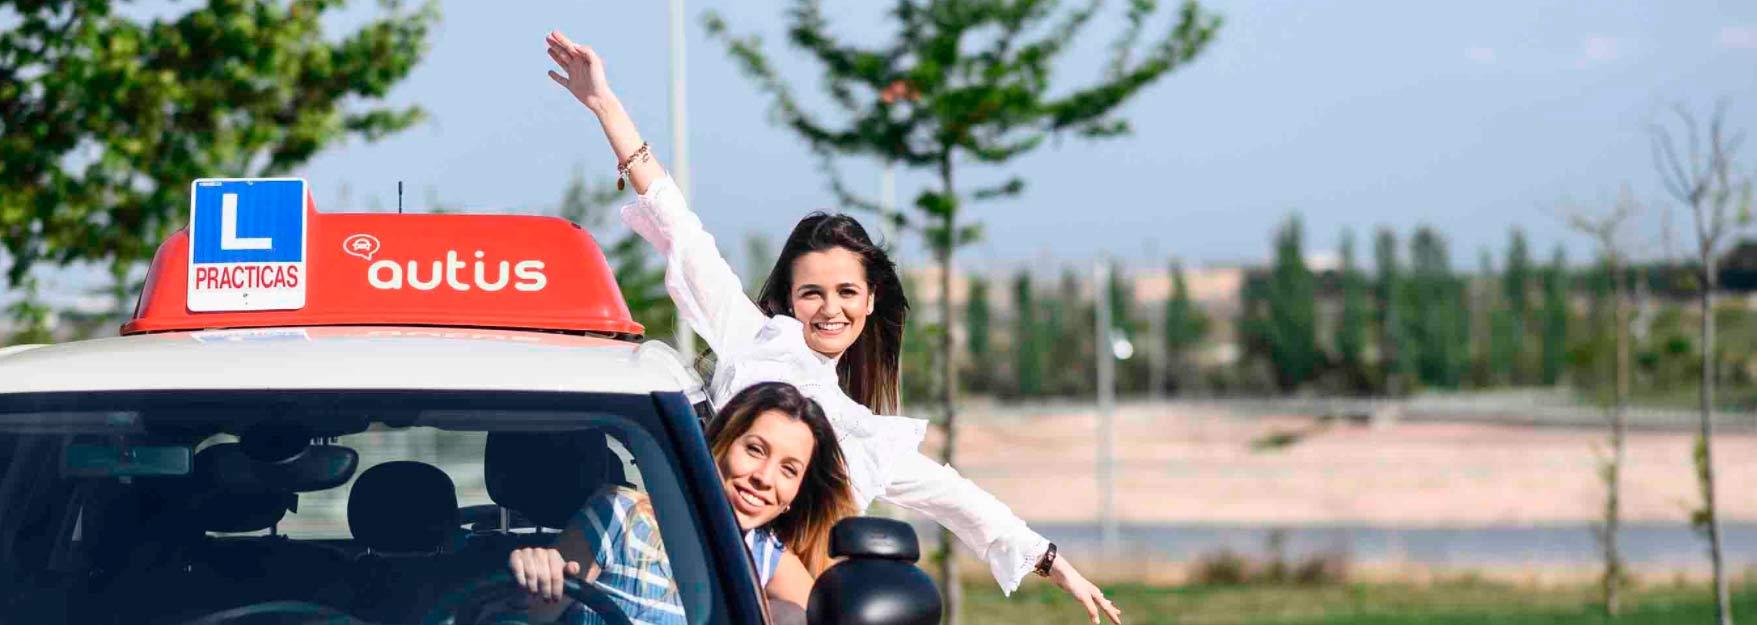 Dos chicas felices en las ventanas de un coche de autoescuela Autius